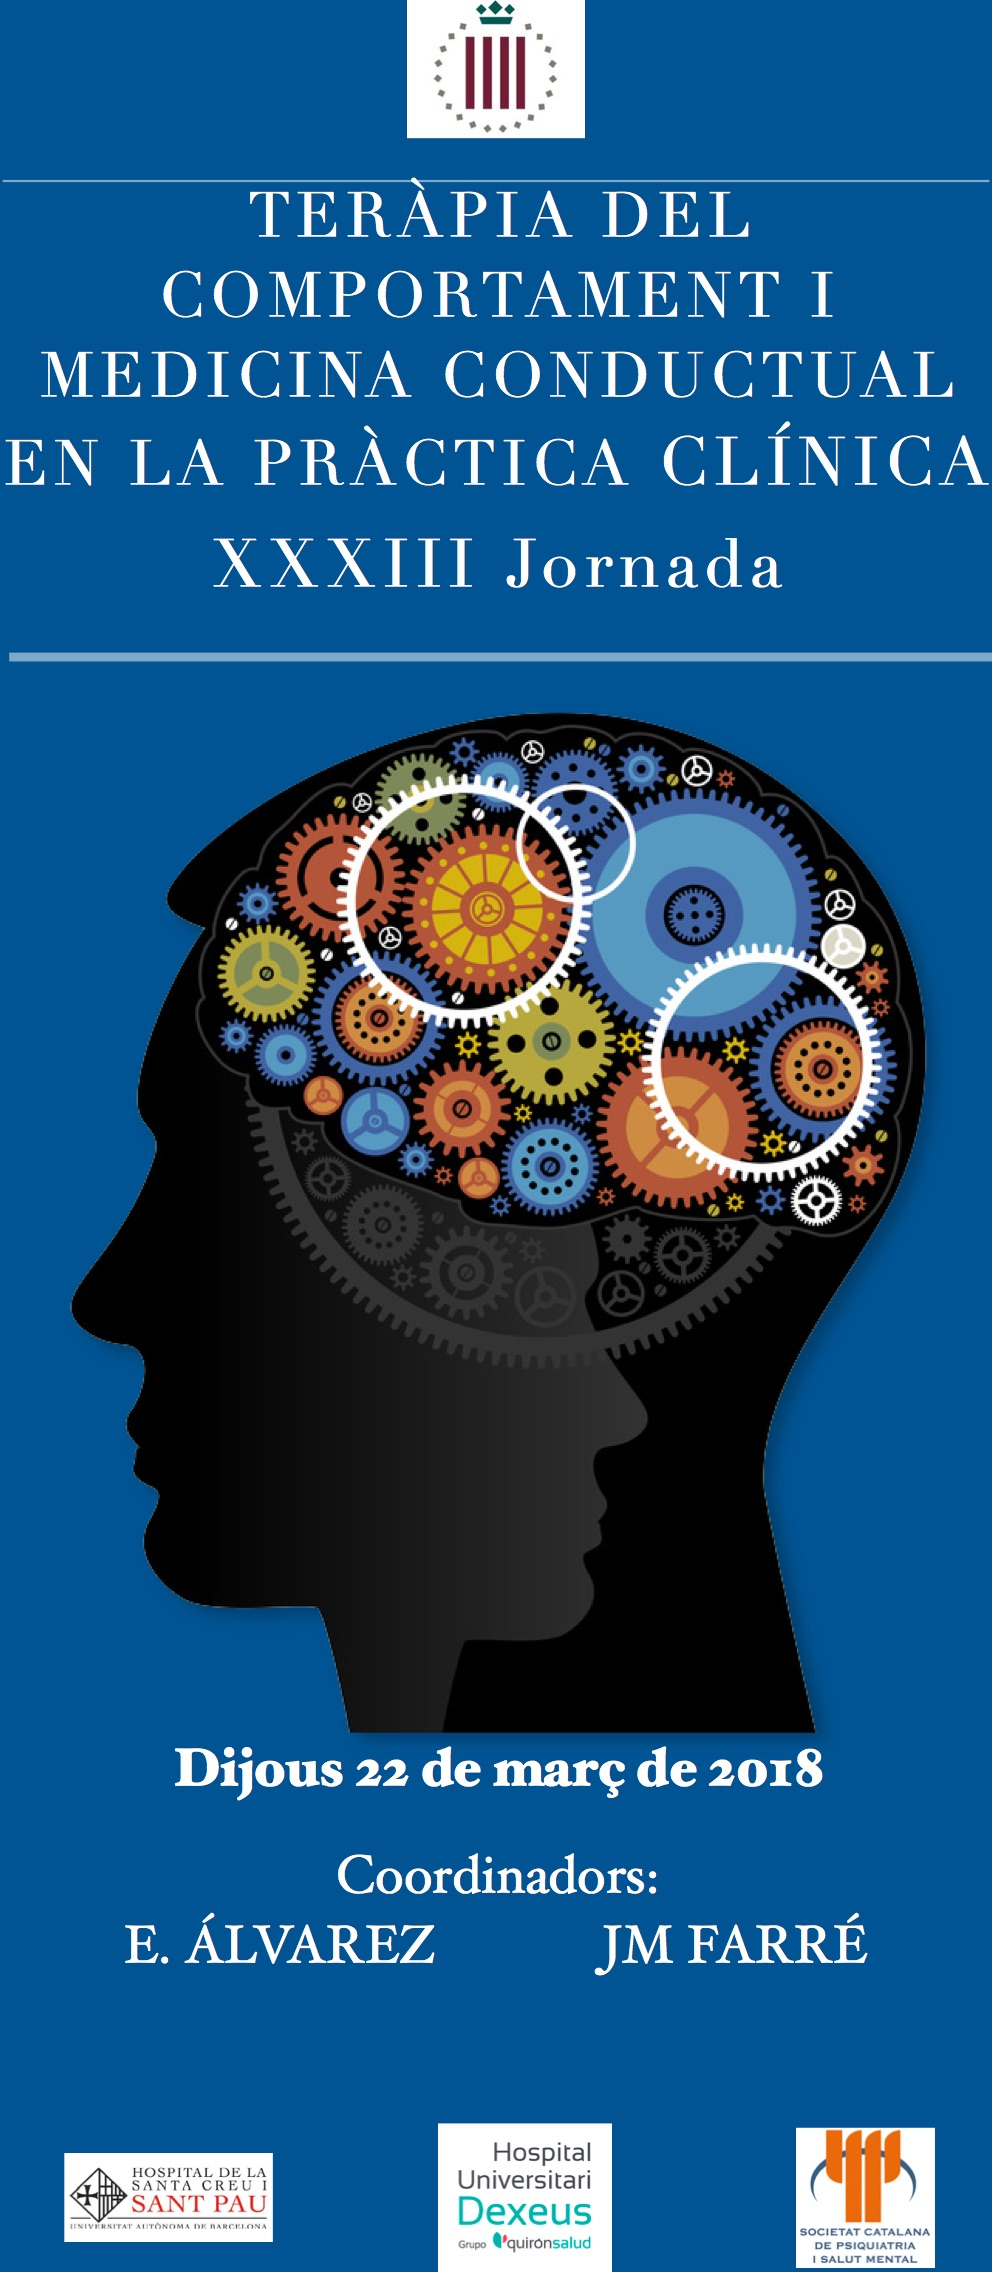 XXXII Jornada de Teràpia del Comportament i Medicina Conductual en la Pràctica Clínica